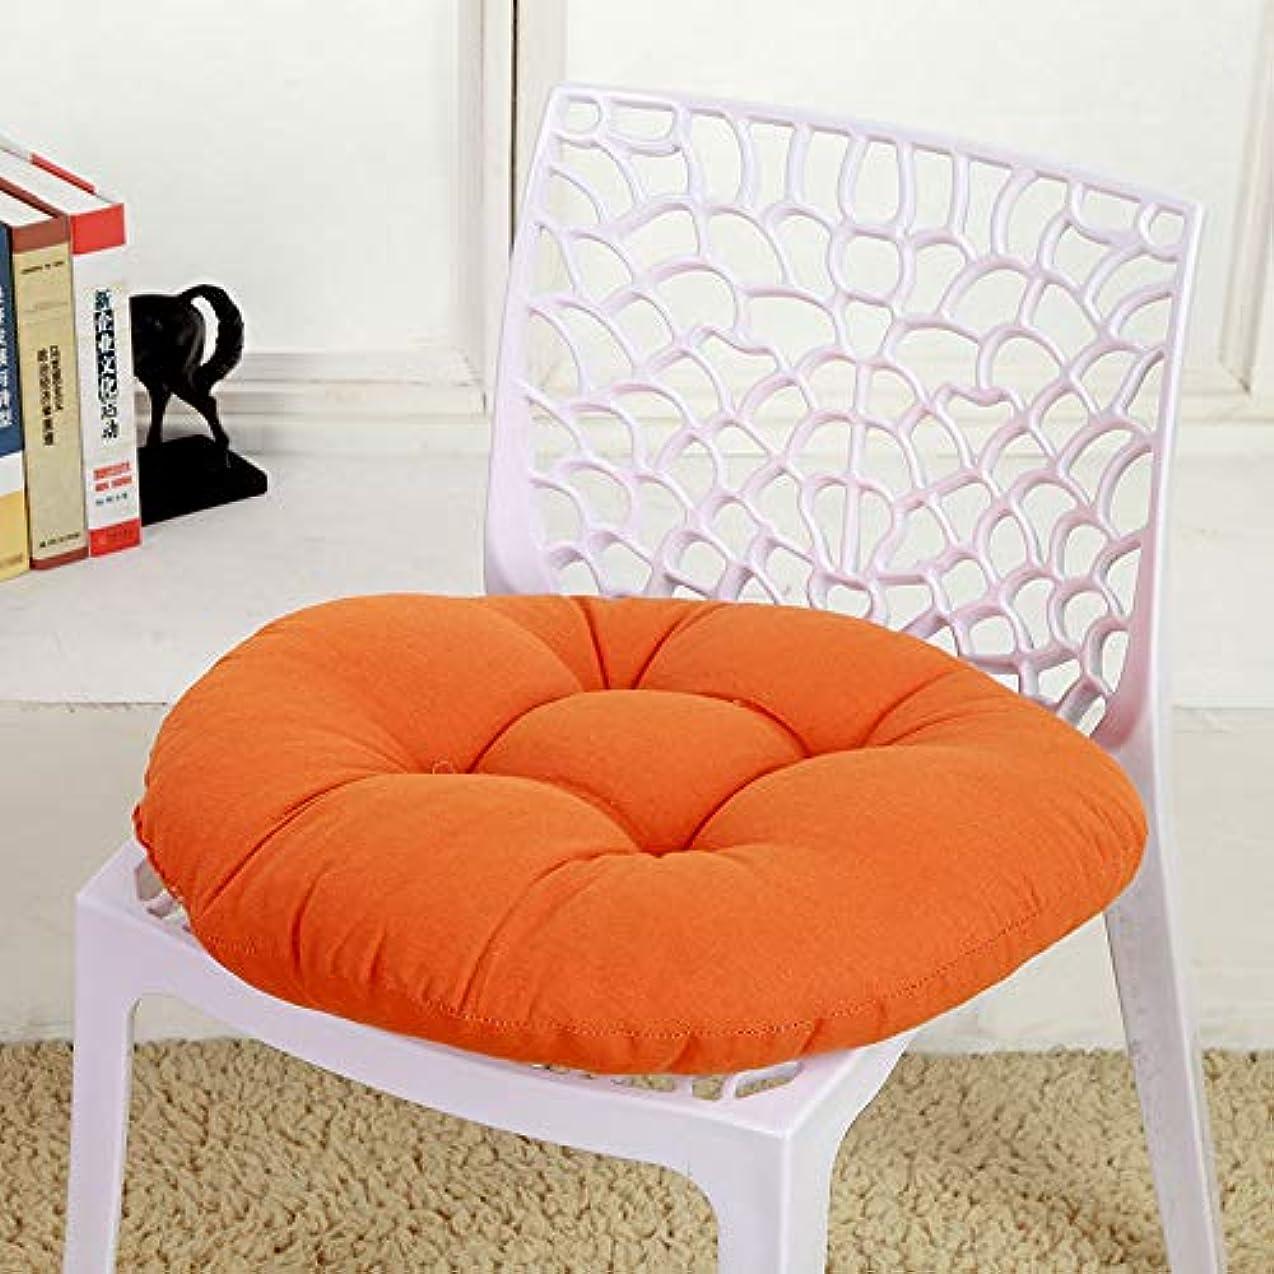 寛容販売計画関数SMART キャンディカラーのクッションラウンドシートクッション波ウィンドウシートクッションクッション家の装飾パッドラウンド枕シート枕椅子座る枕 クッション 椅子